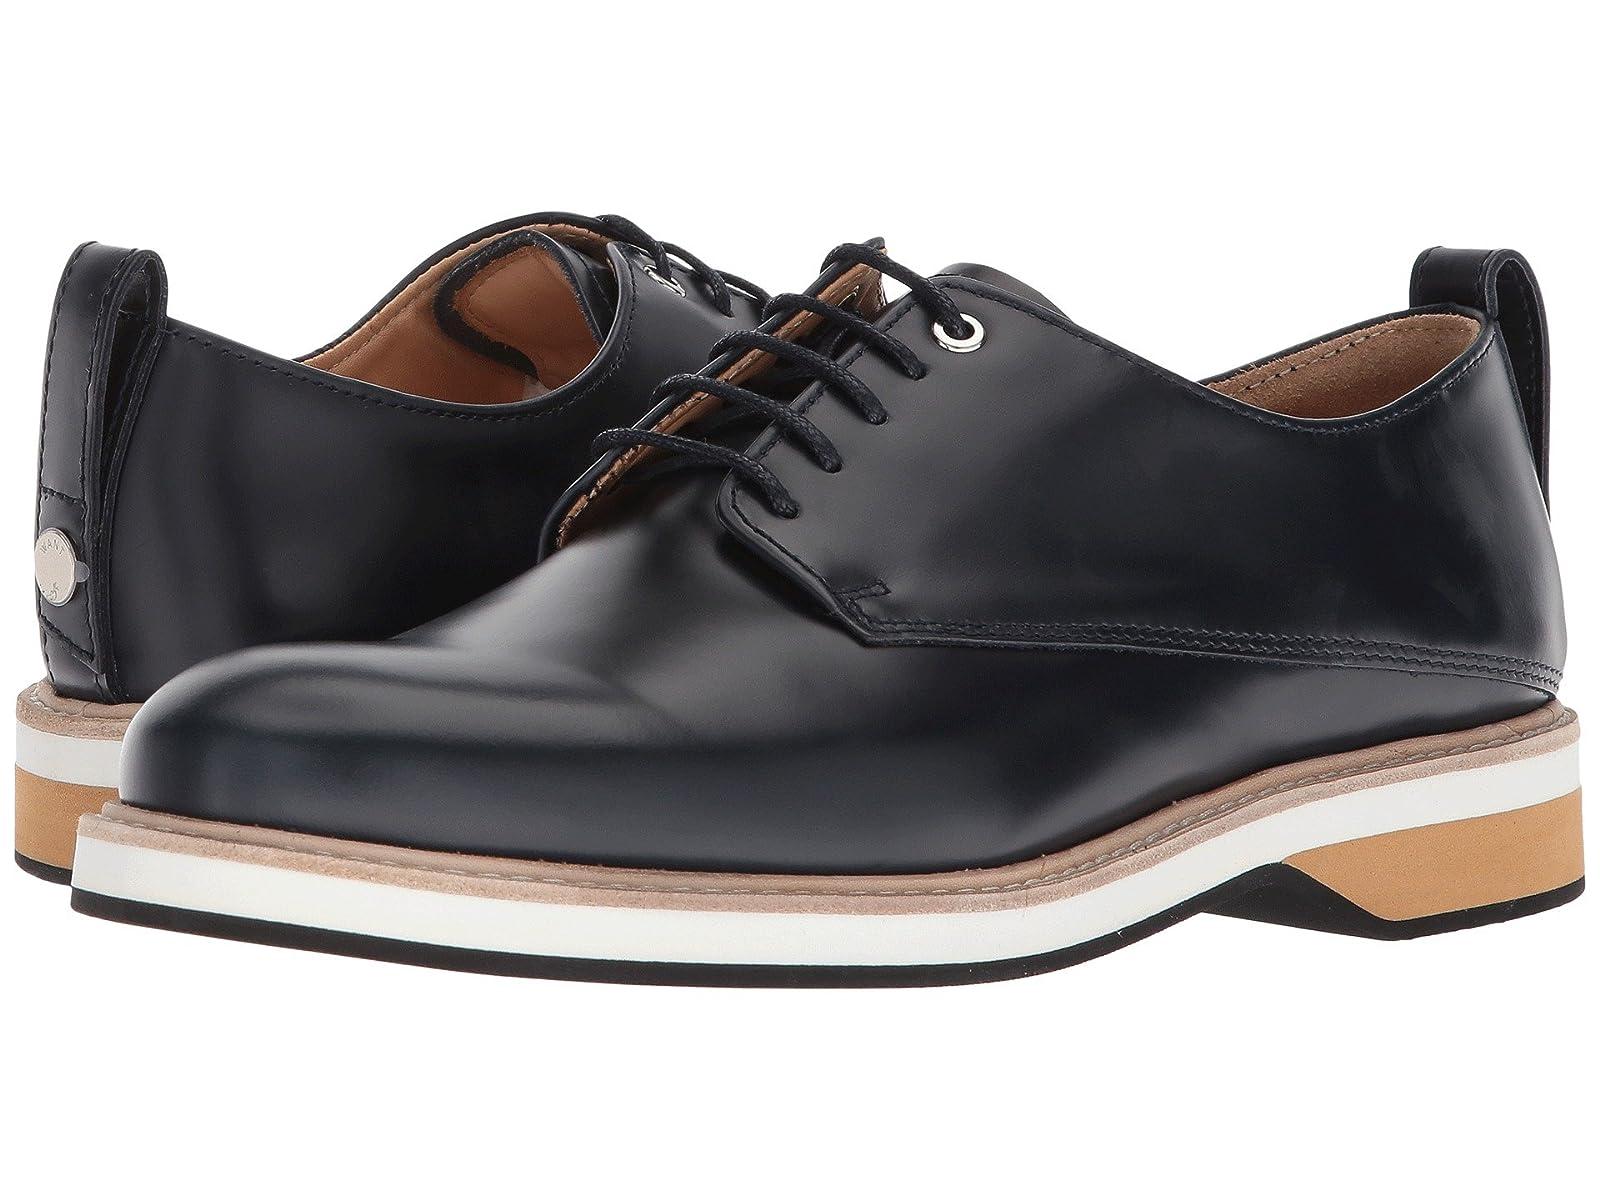 WANT Les Essentiels Montoro DerbyAtmospheric grades have affordable shoes